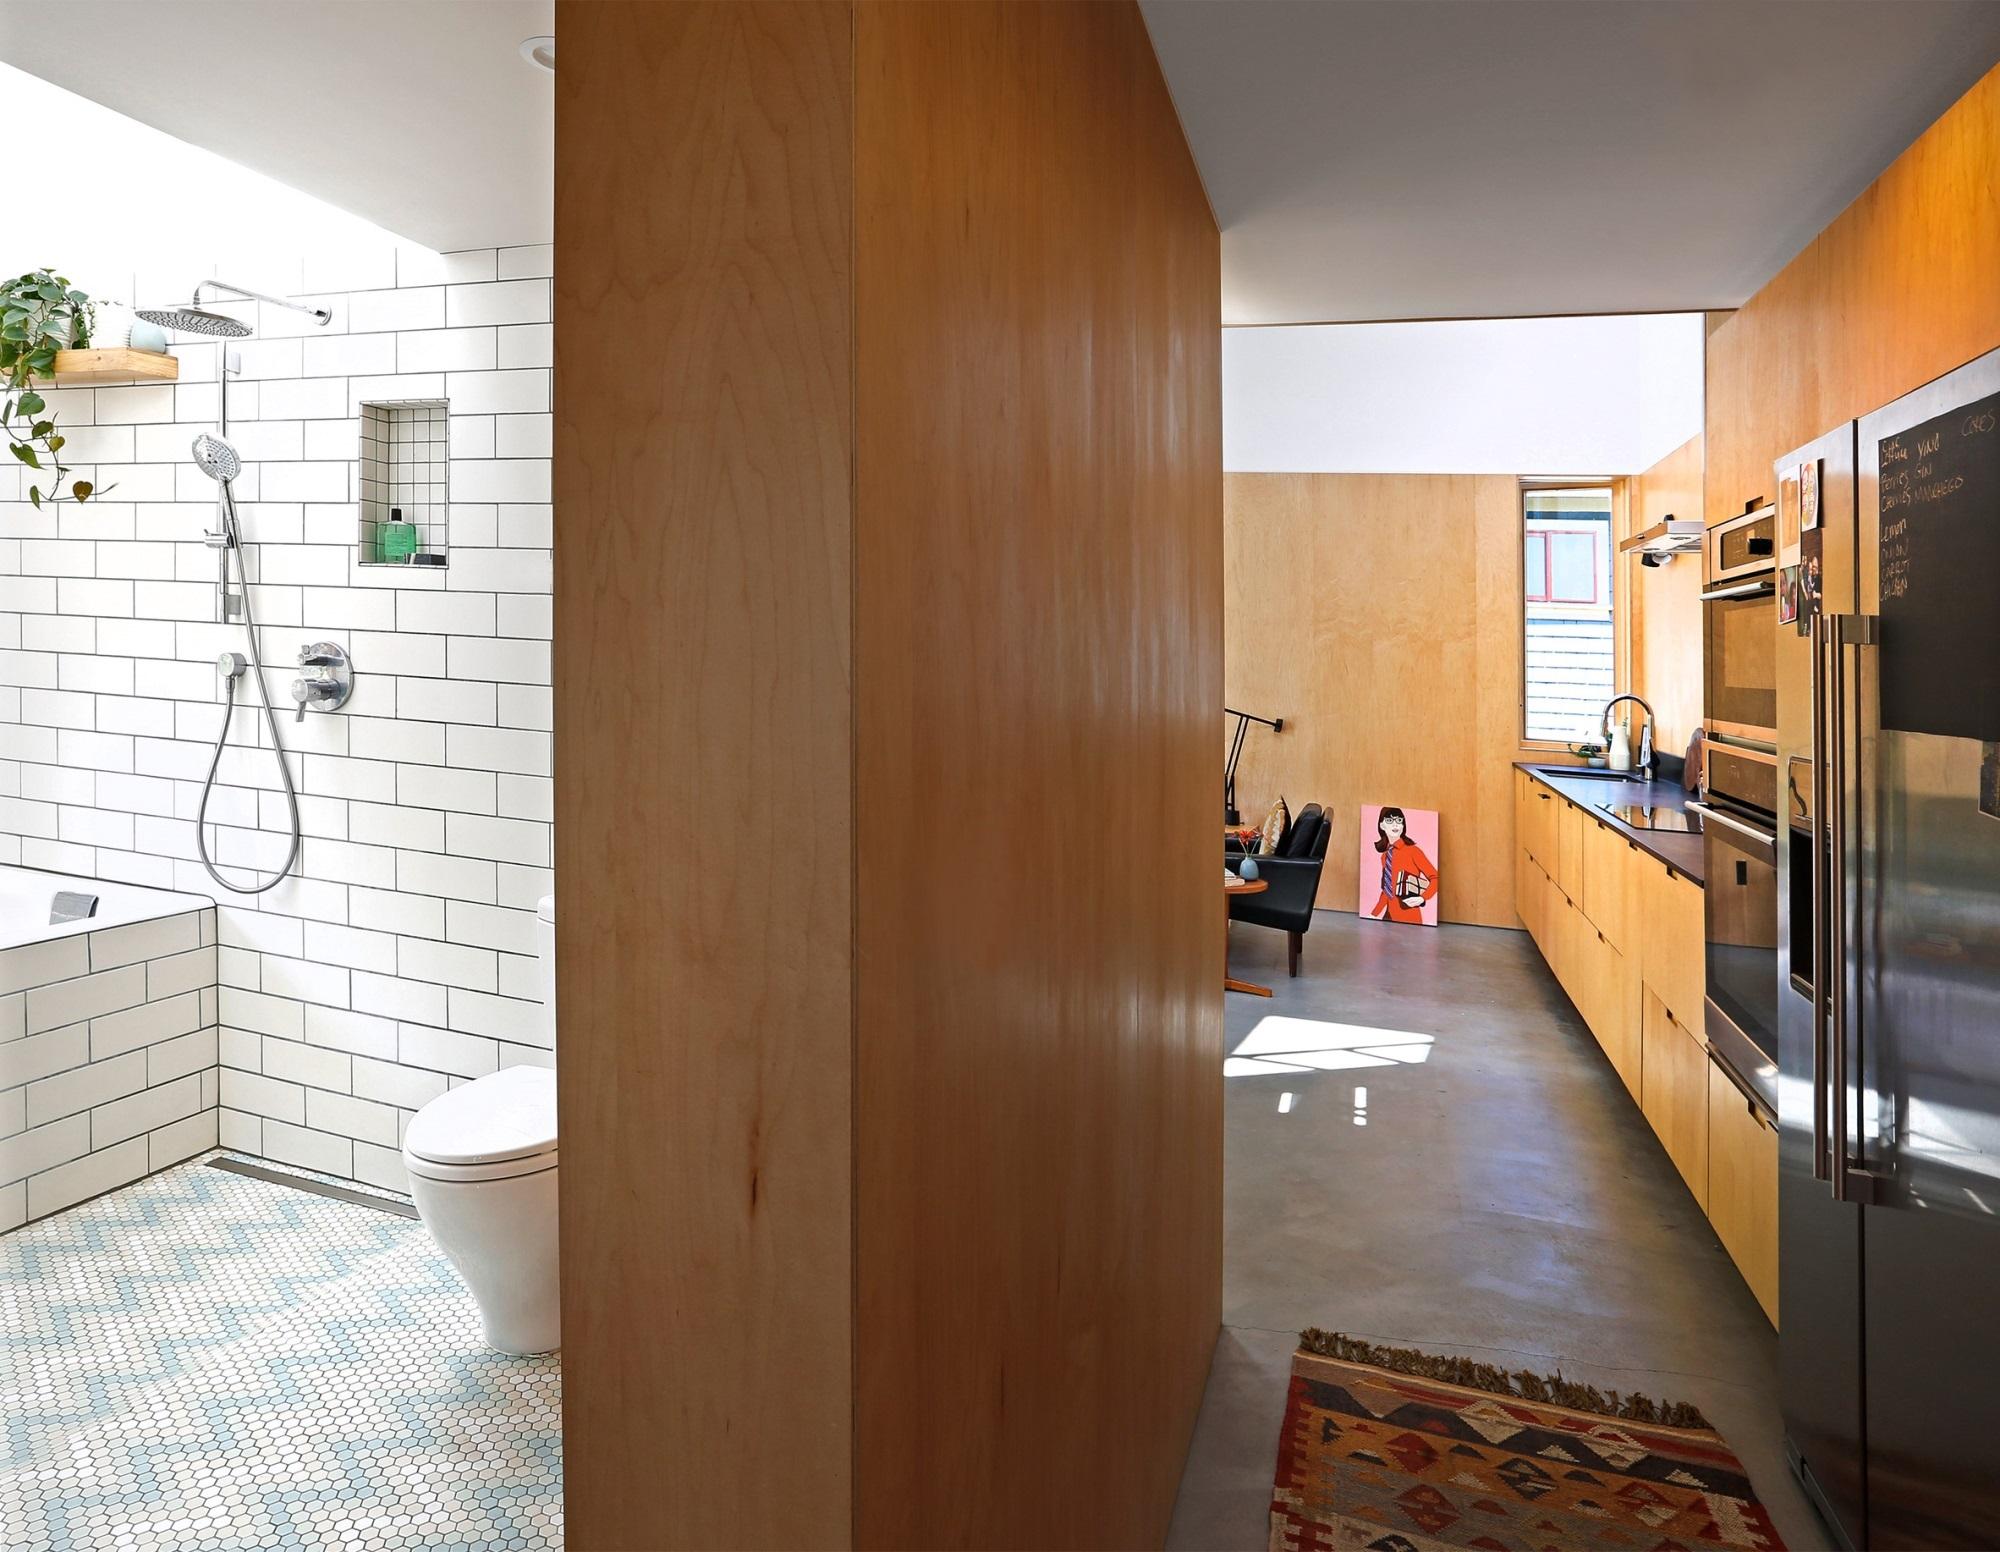 Ngôi nhà 54m² nhưng với cách thiết kế sáng tạo đã biến mặt tiền 4m thành 2 không gian vừa cho thuê vừa sử dụng tách biệt - Ảnh 6